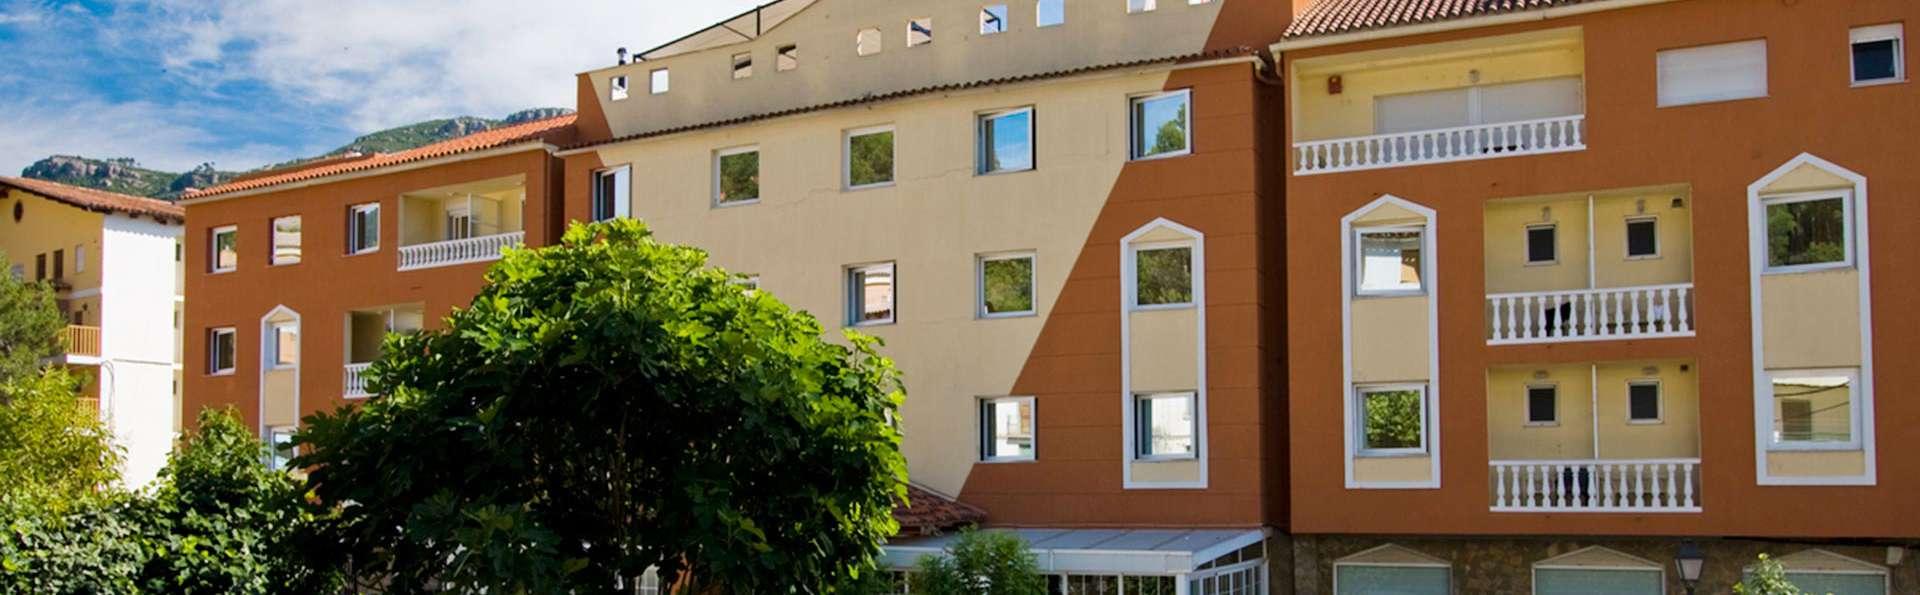 Hotel Rosaleda del Mijares - edit_facade.jpg